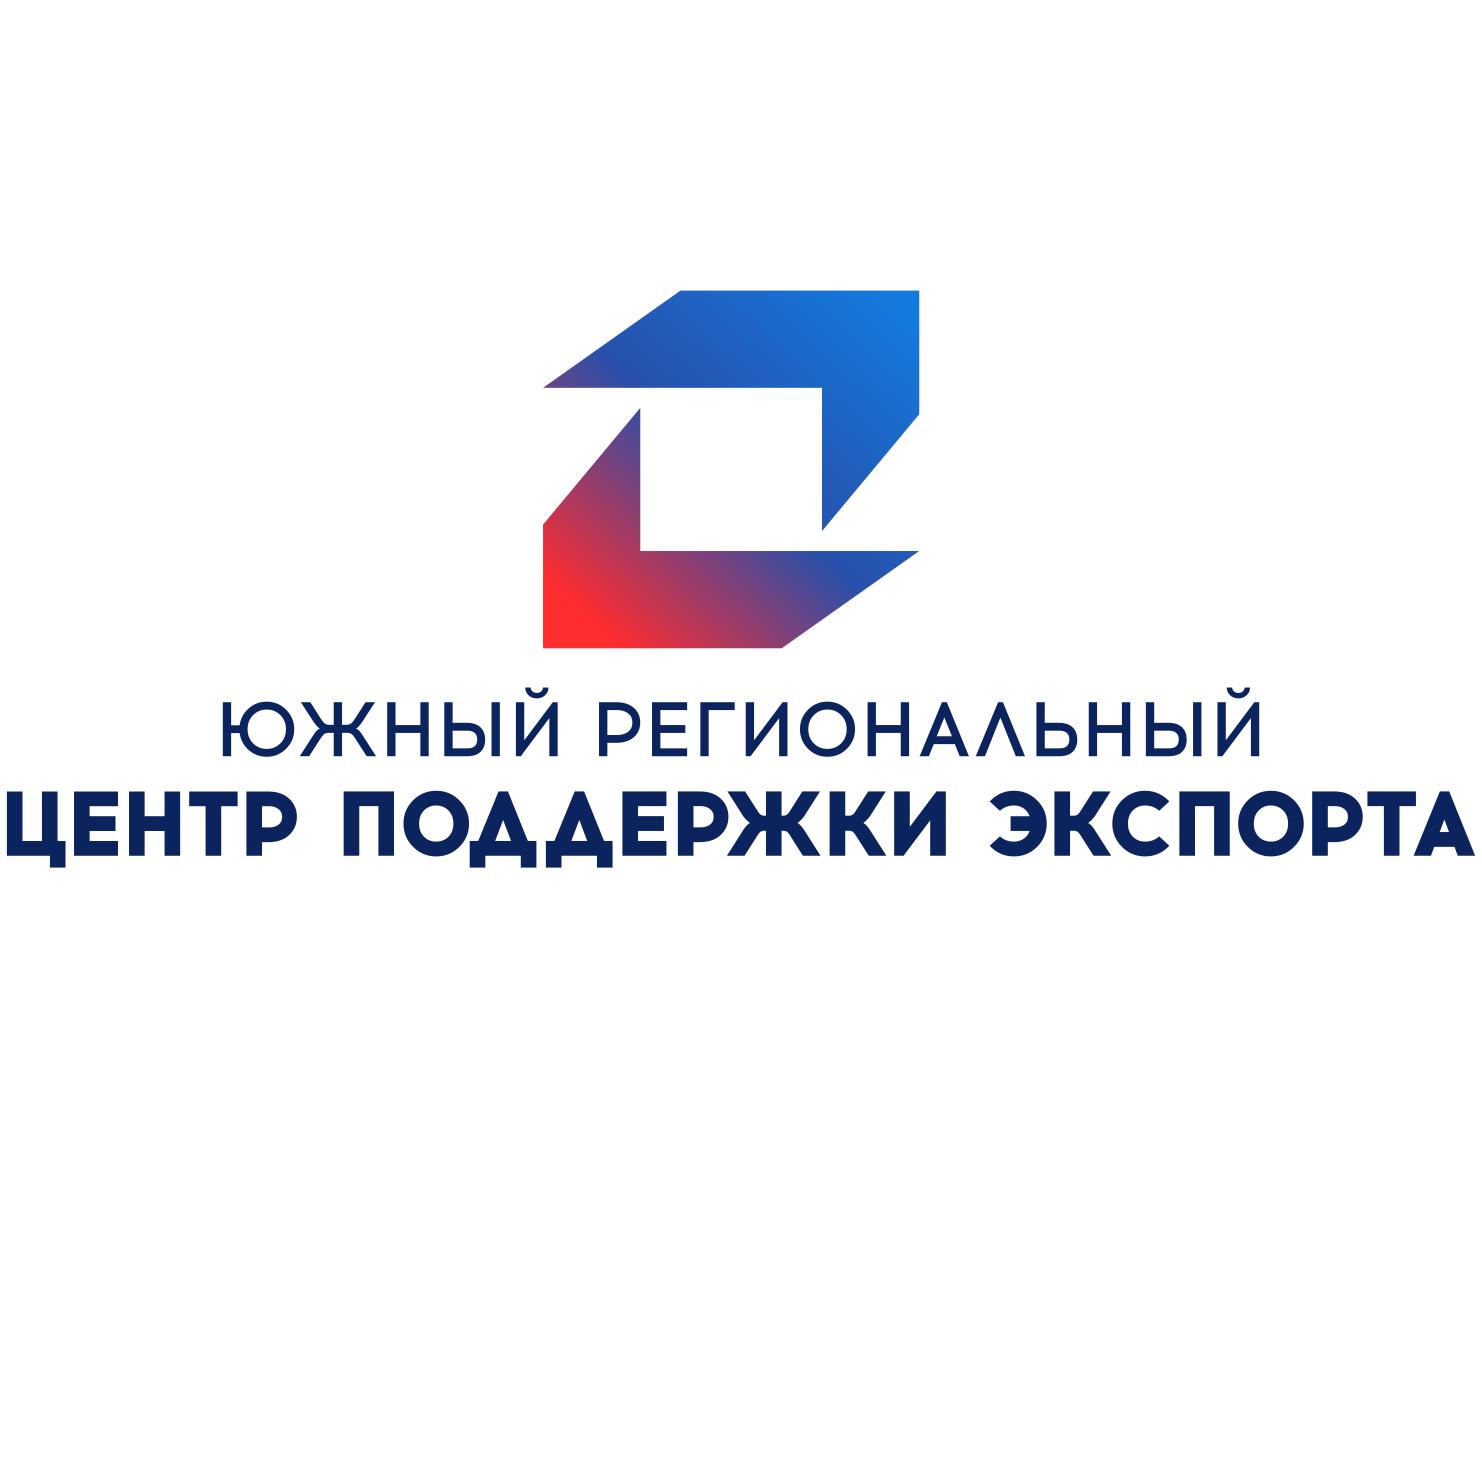 Южный региональный центр поддержки экспорта